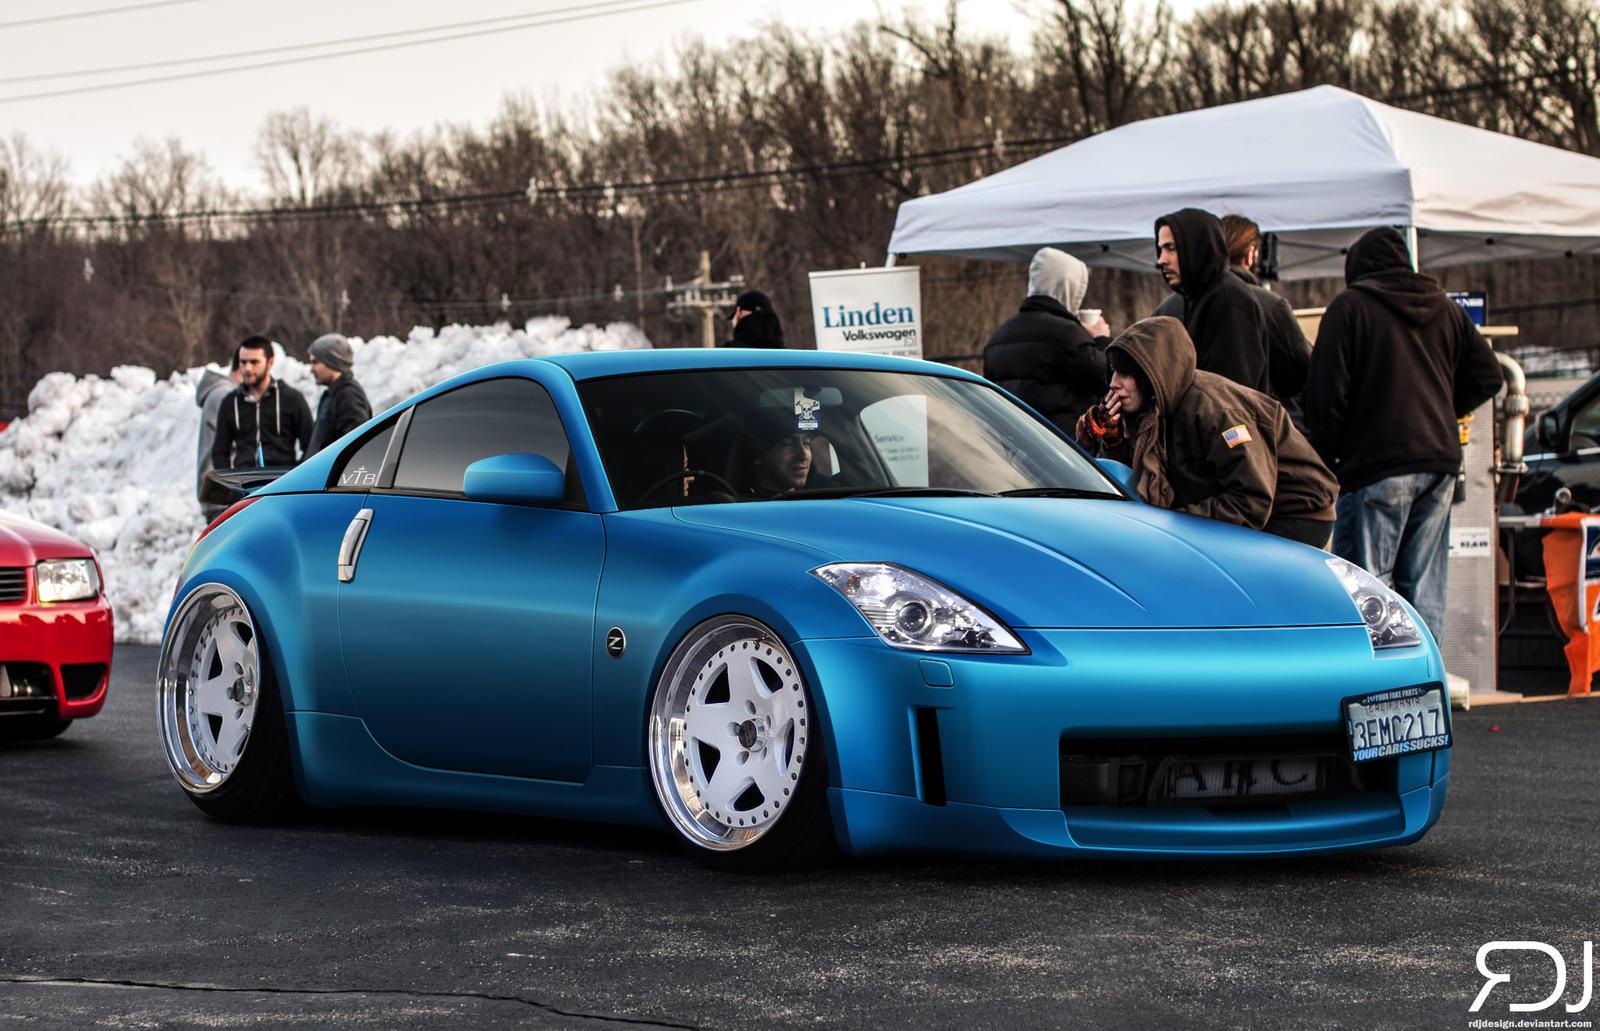 Nissan 350z Blue Matte by RDJDesign on DeviantArt